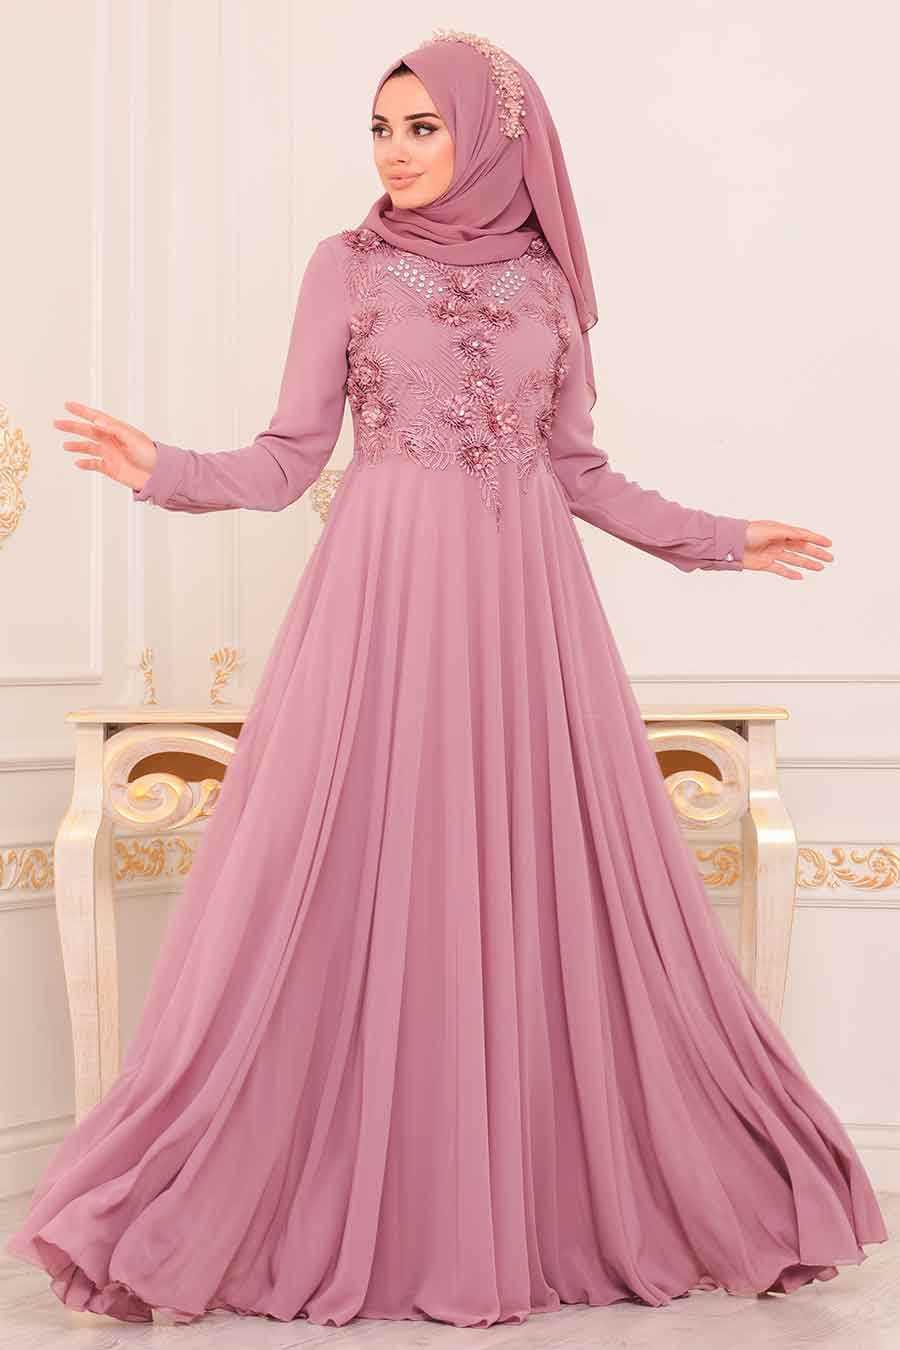 Dantel Detaylı Pudra Tesettür Abiye Elbise 84701PD